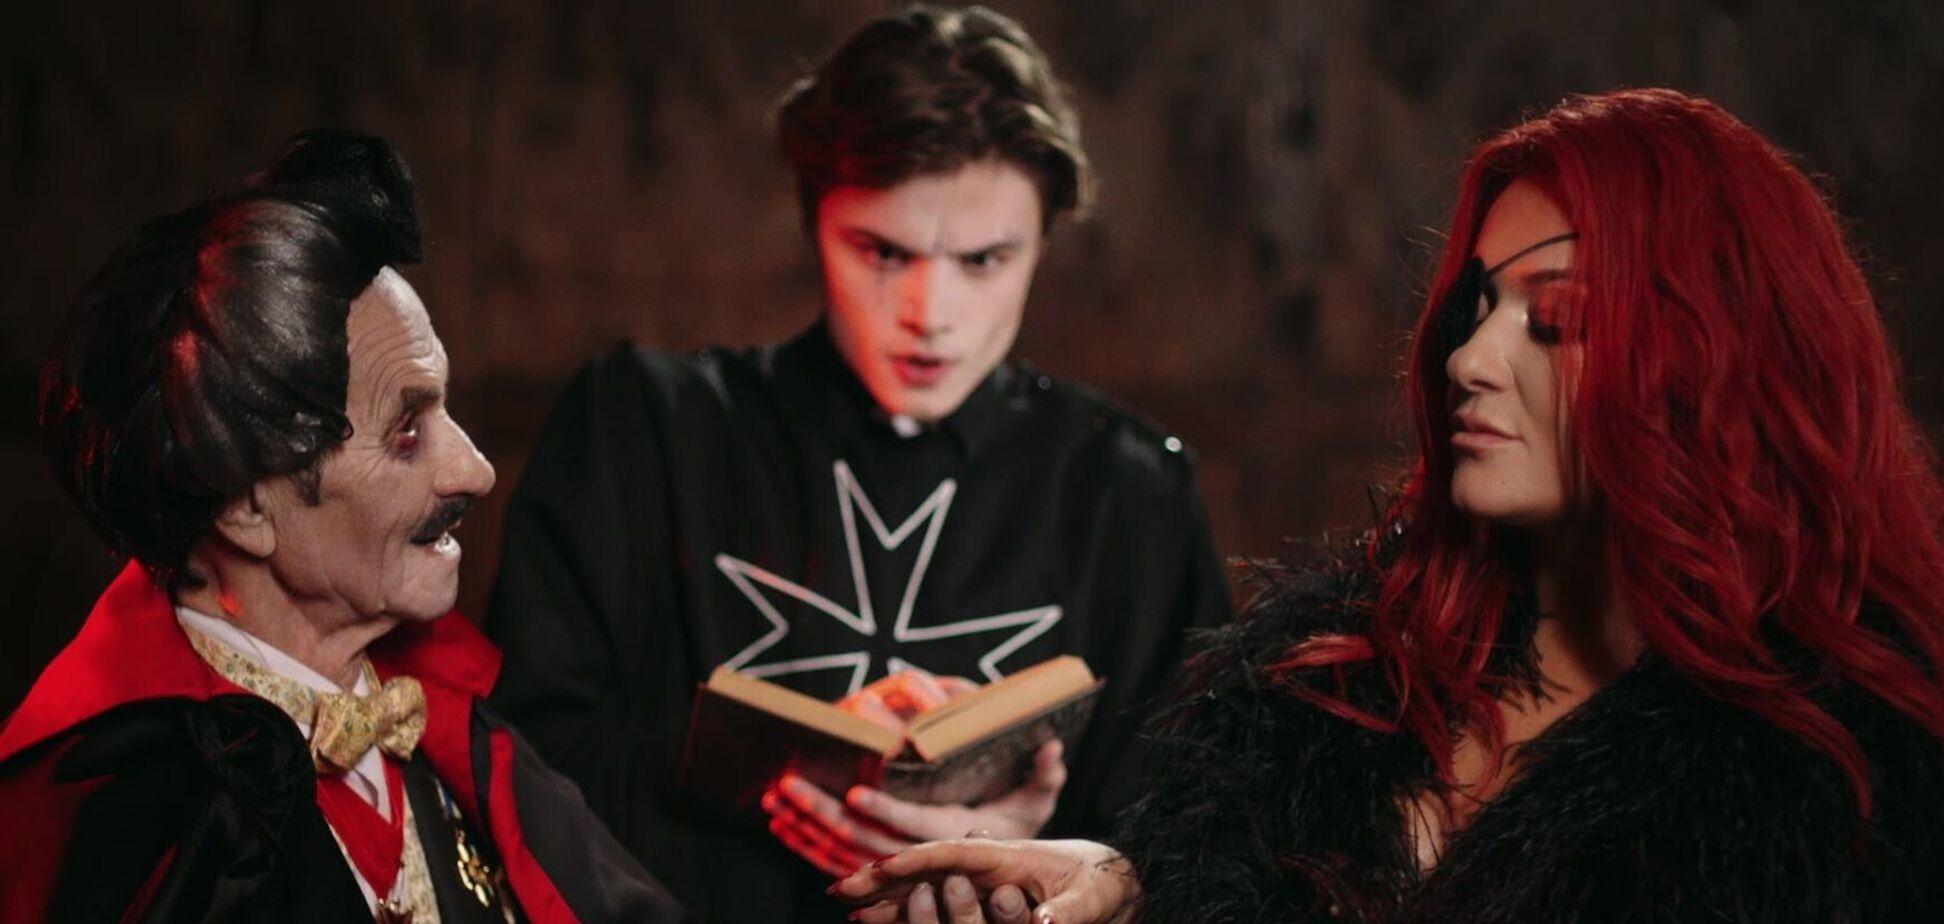 Григорий Чапкис, Даня Вегас и Наталья Могилевская